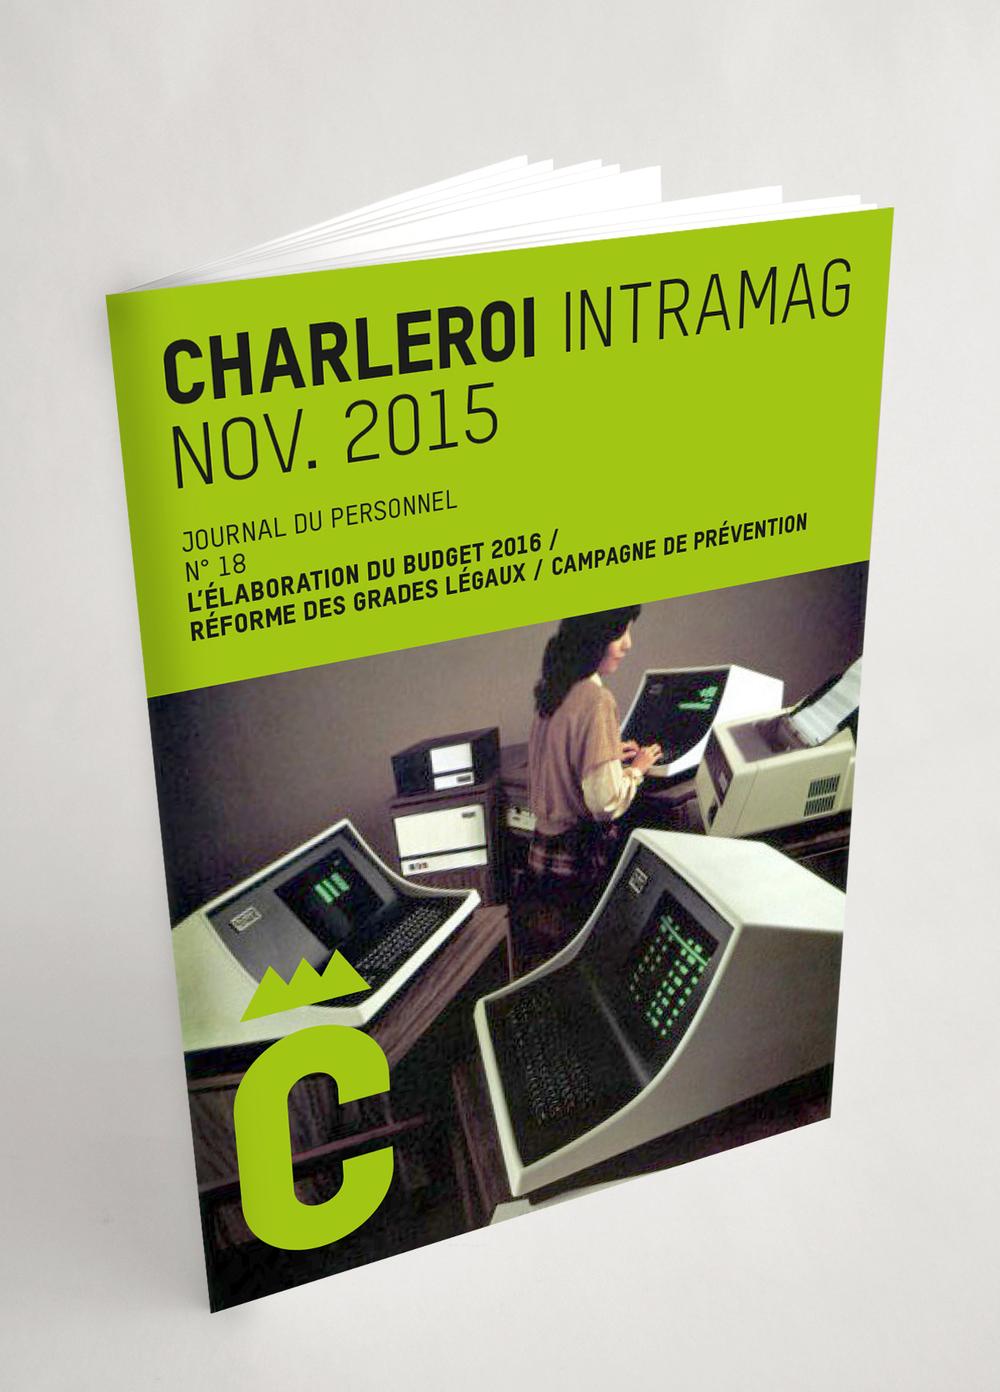 Charleroi-16.jpg